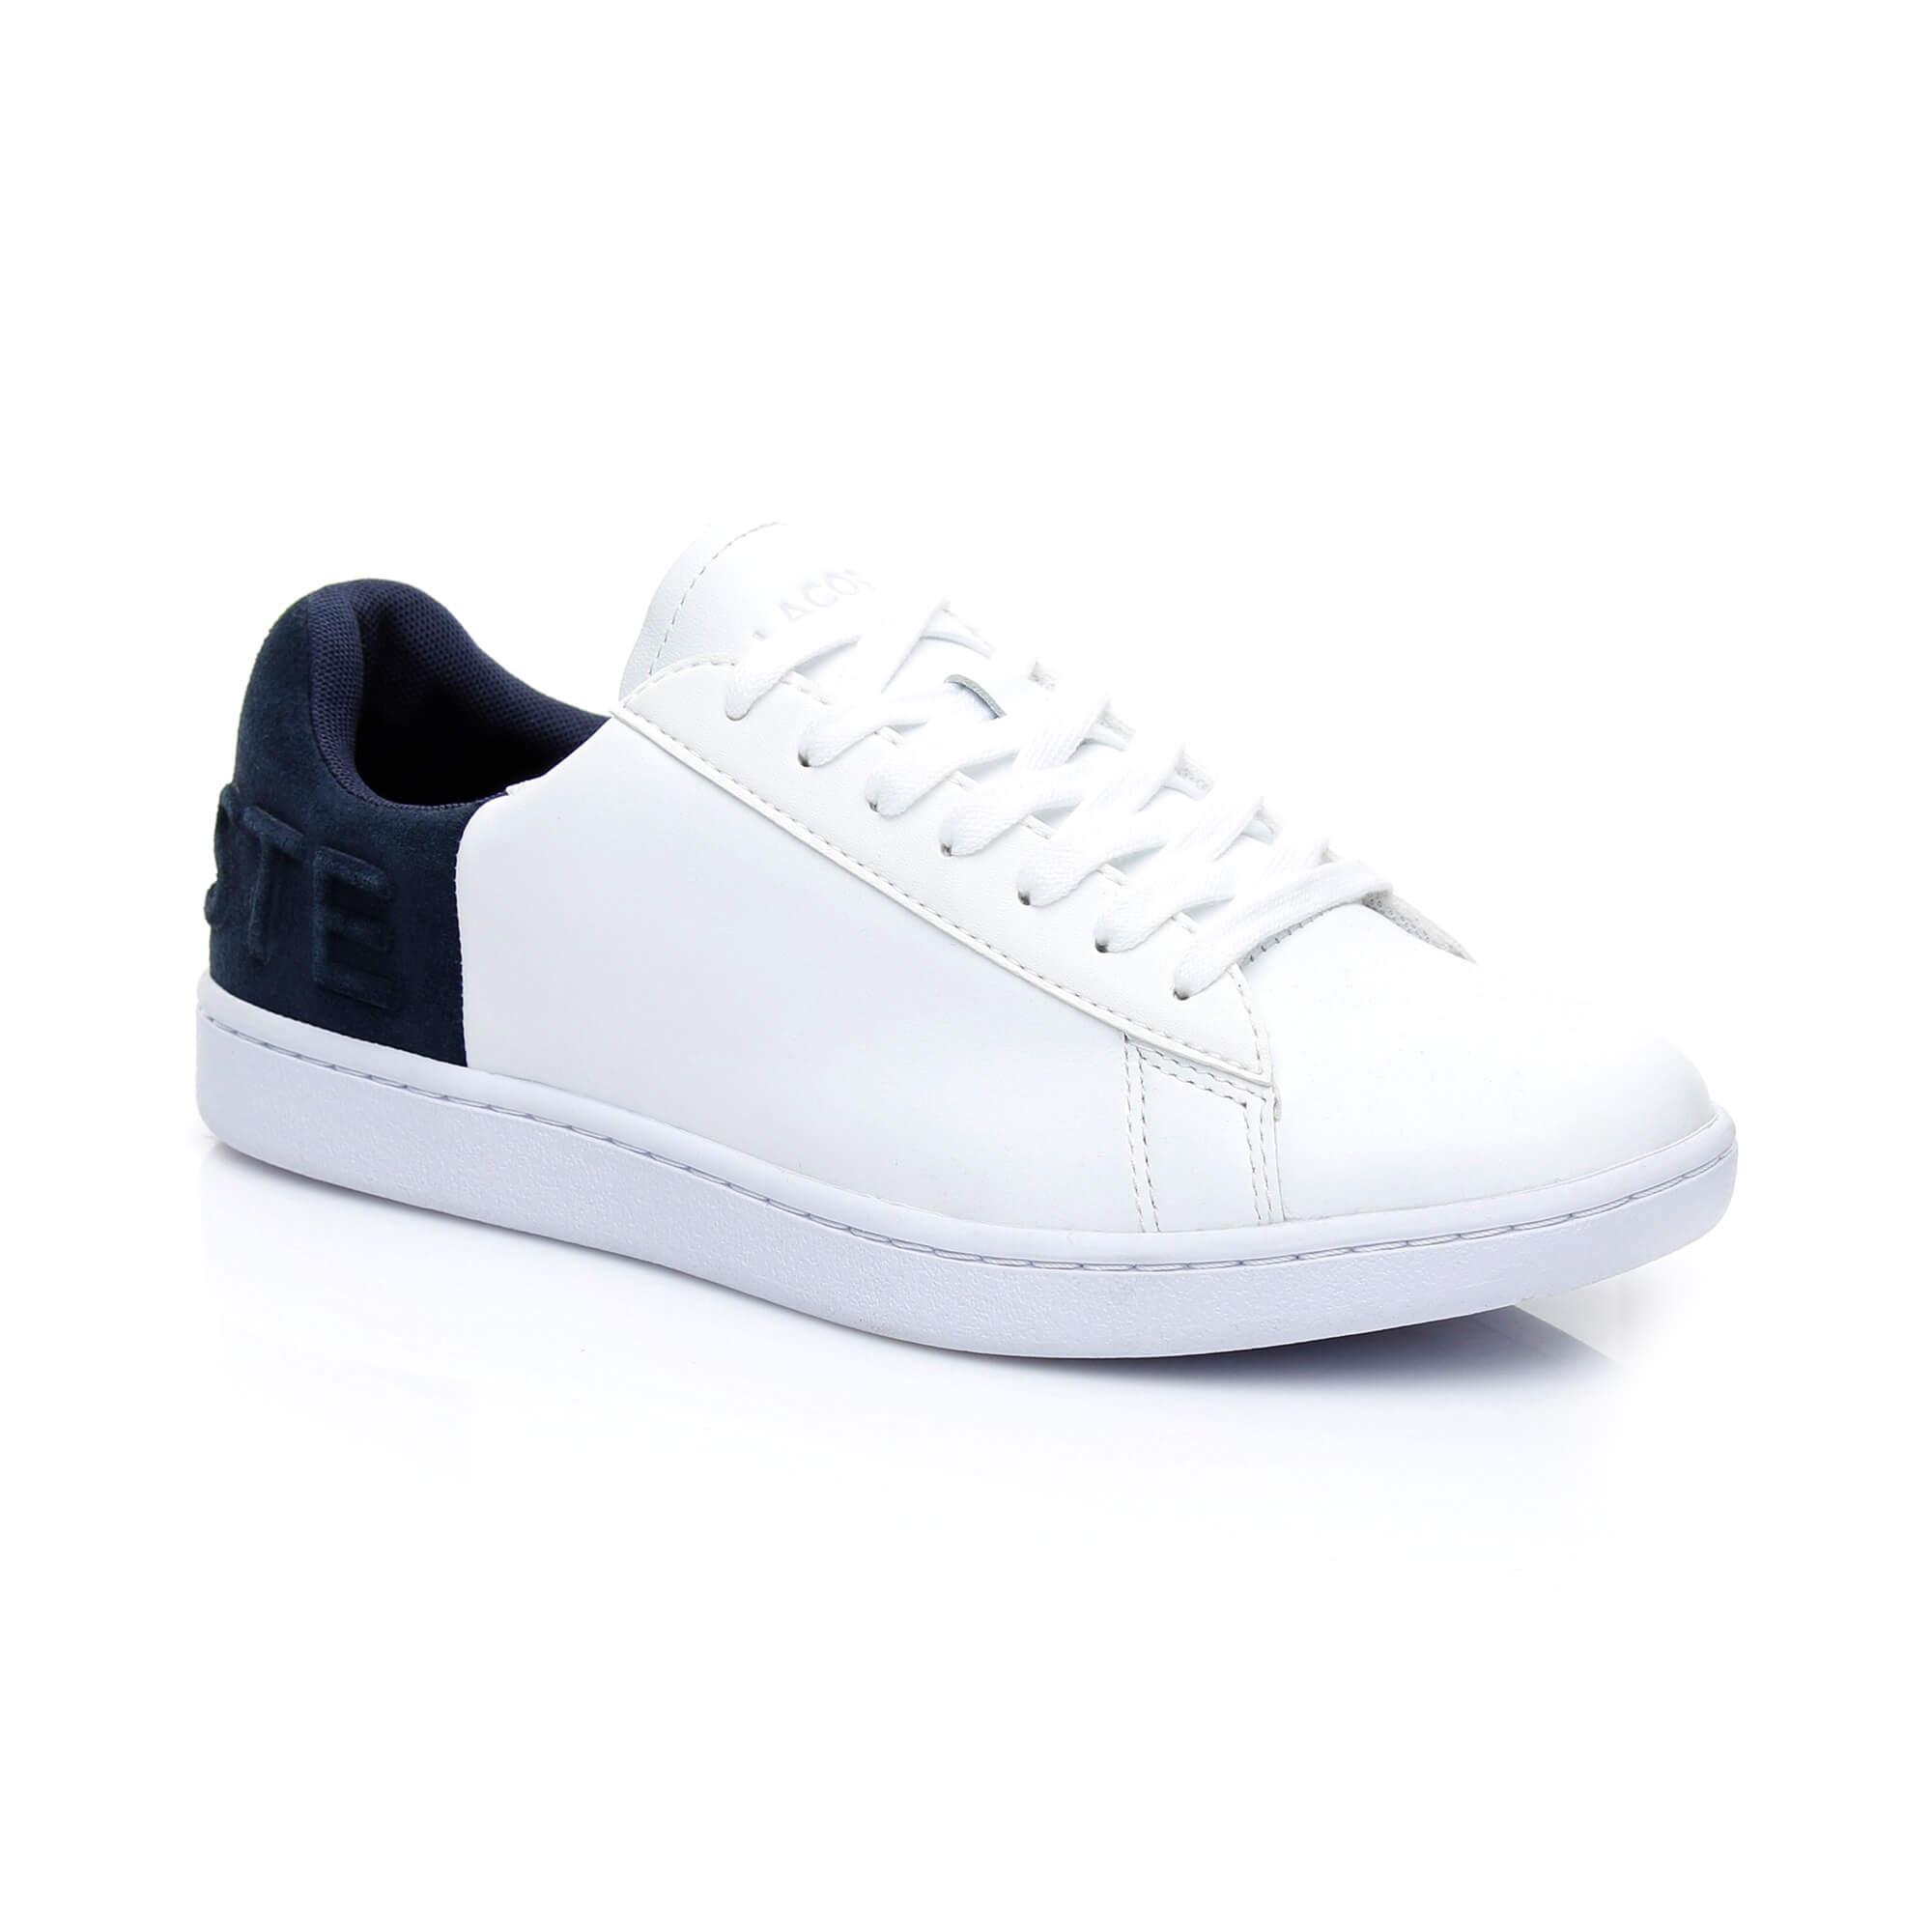 df038240d Lacoste Women's Carnaby Evo 318 3 Leather Sneaker 736SPW0011 042 ...